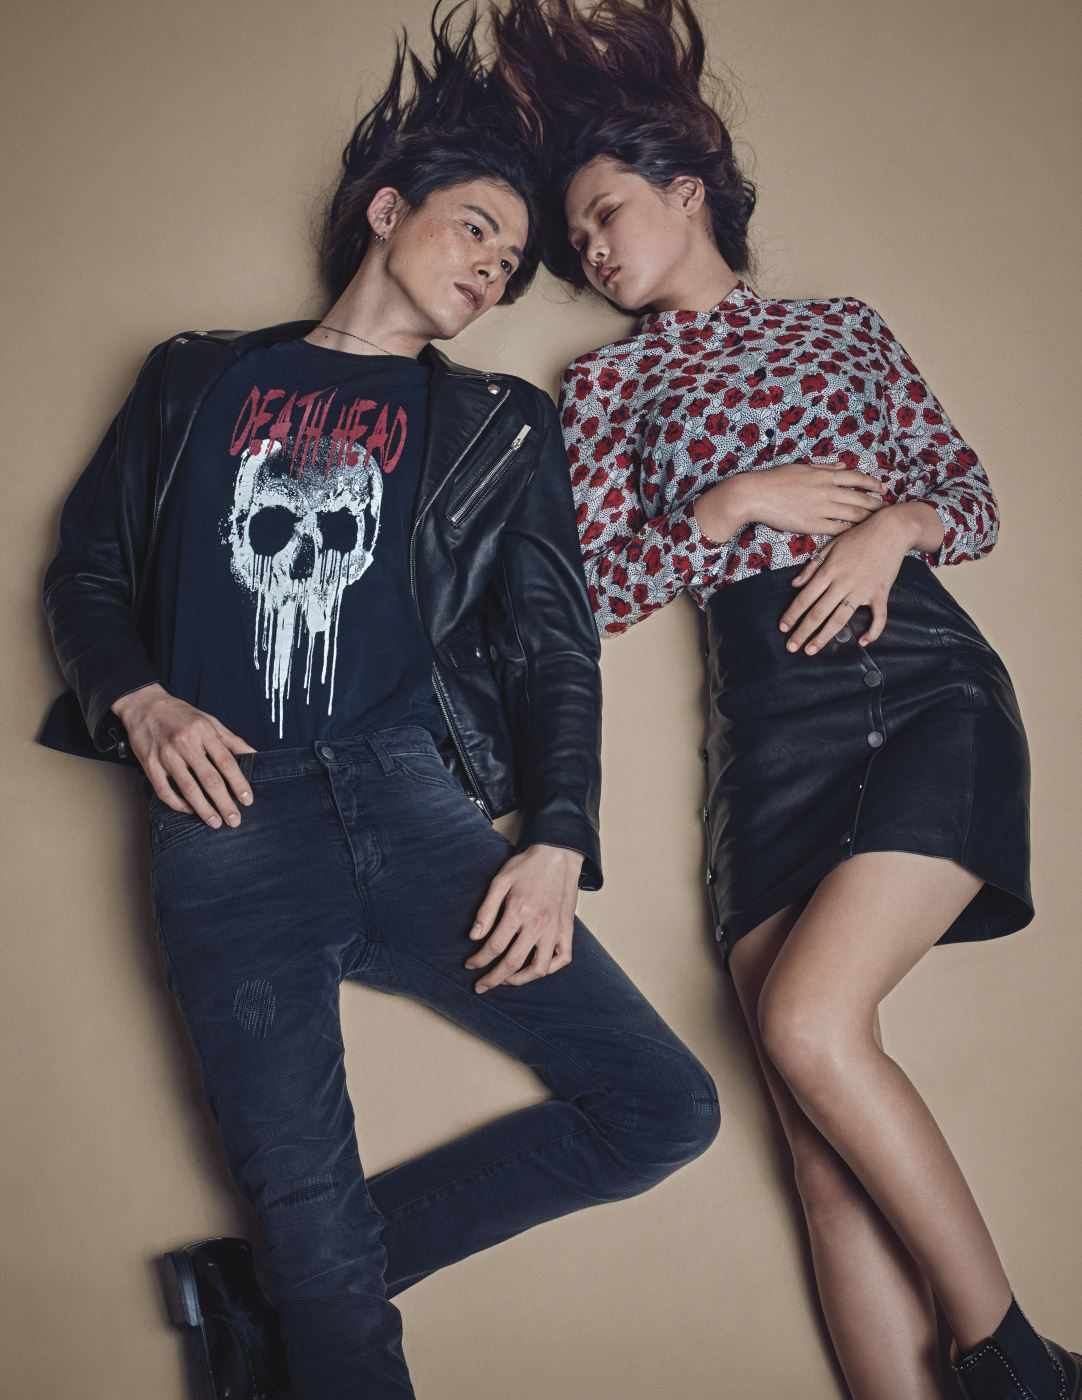 앨리스가 입은 장미 문양 블라우스와 메탈 버튼 장식의 가죽 스커트, 김원중이 입은 해골 프린트 티셔츠와 가죽 재킷, 블랙 데님 팬츠는 모두 The Kooples 제품.